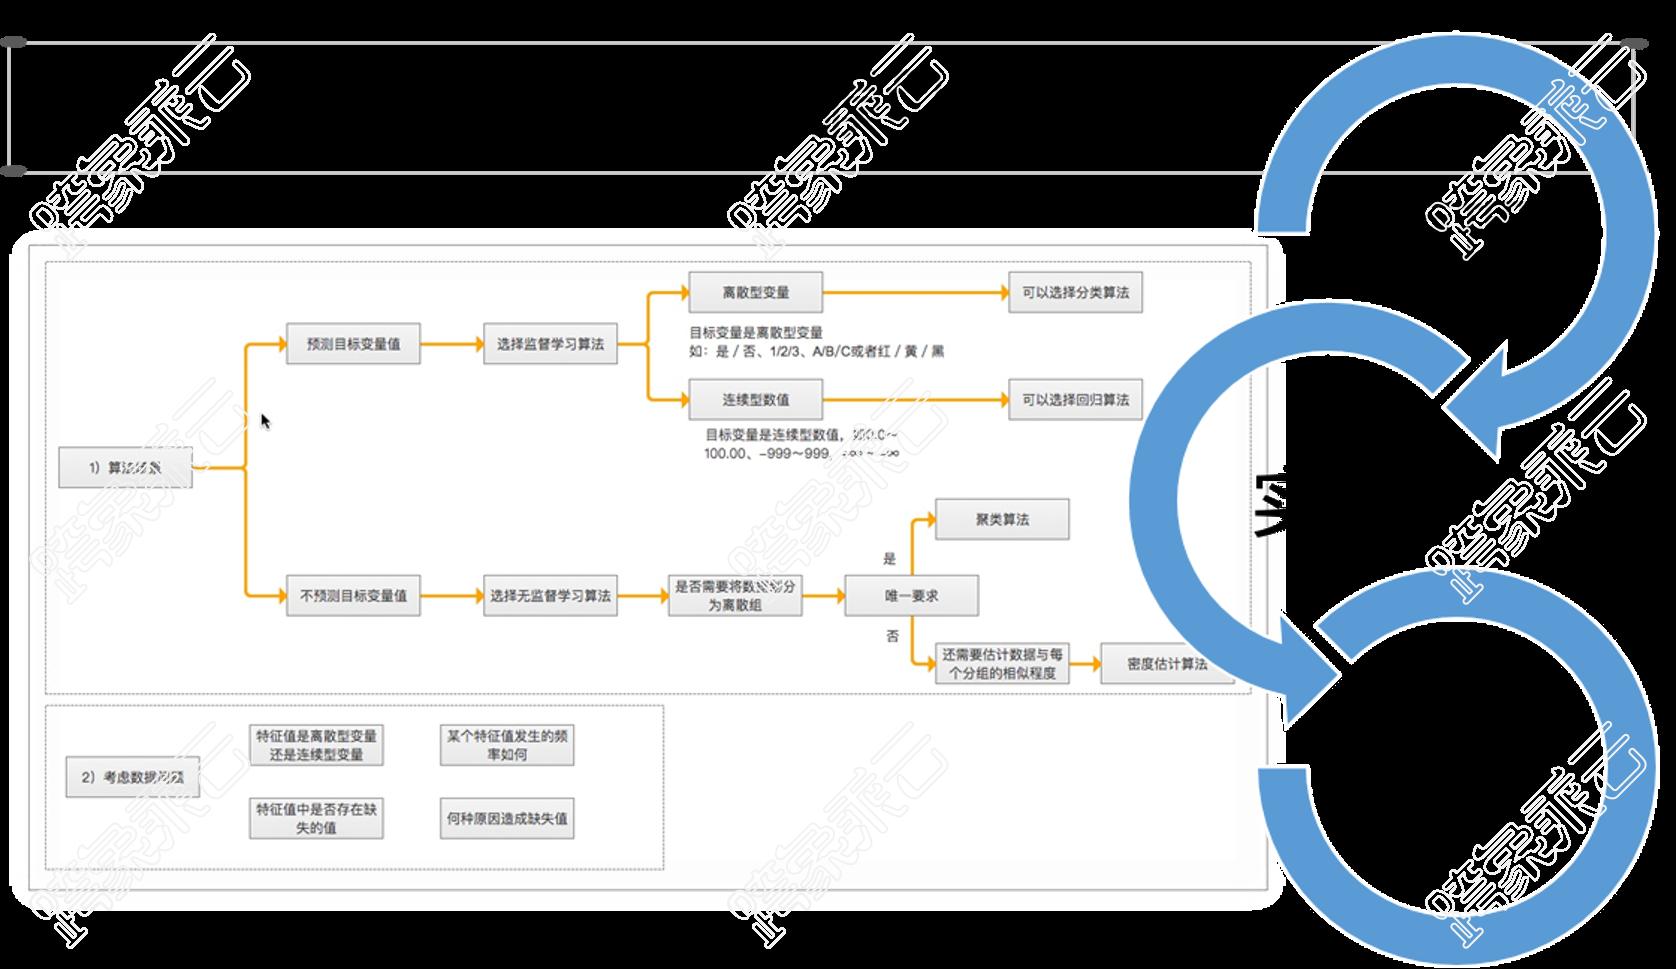 《机器学习》课程 - 为学生高效构建机器学习算法模型思维地图。贯穿算法原理、代码实现、行业应用工程闭环。